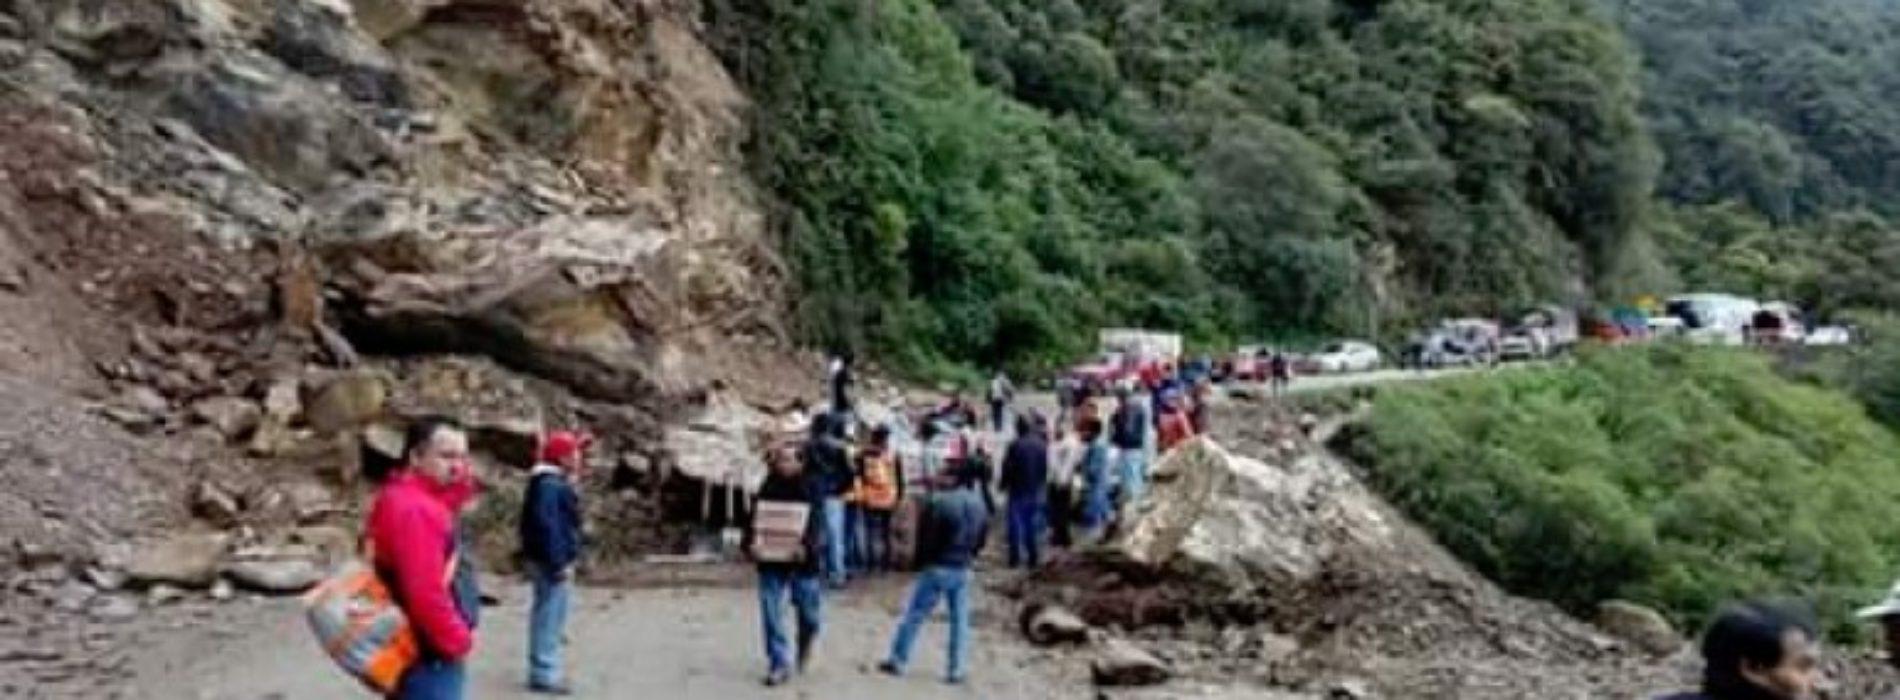 Pide autoridades extremar precauciones por desgajamiento de un cerro en la Cañada.